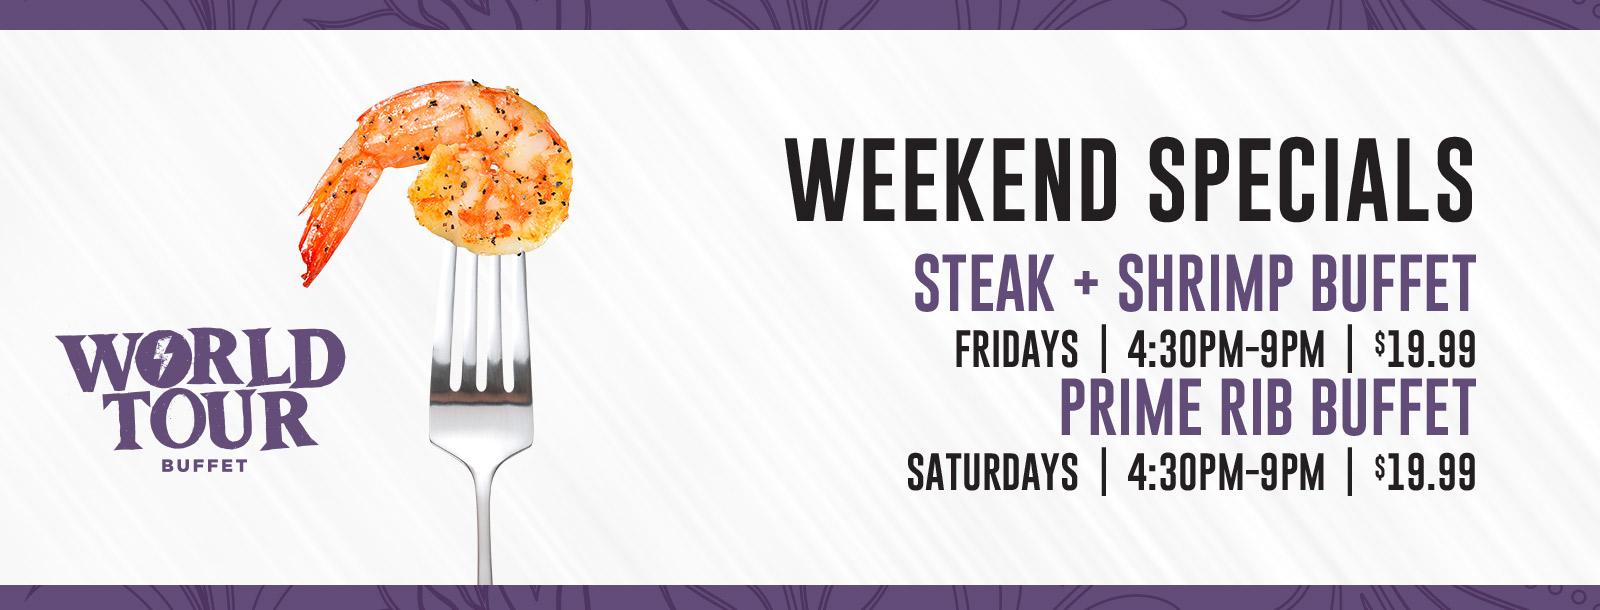 weekend specials world tour buffet